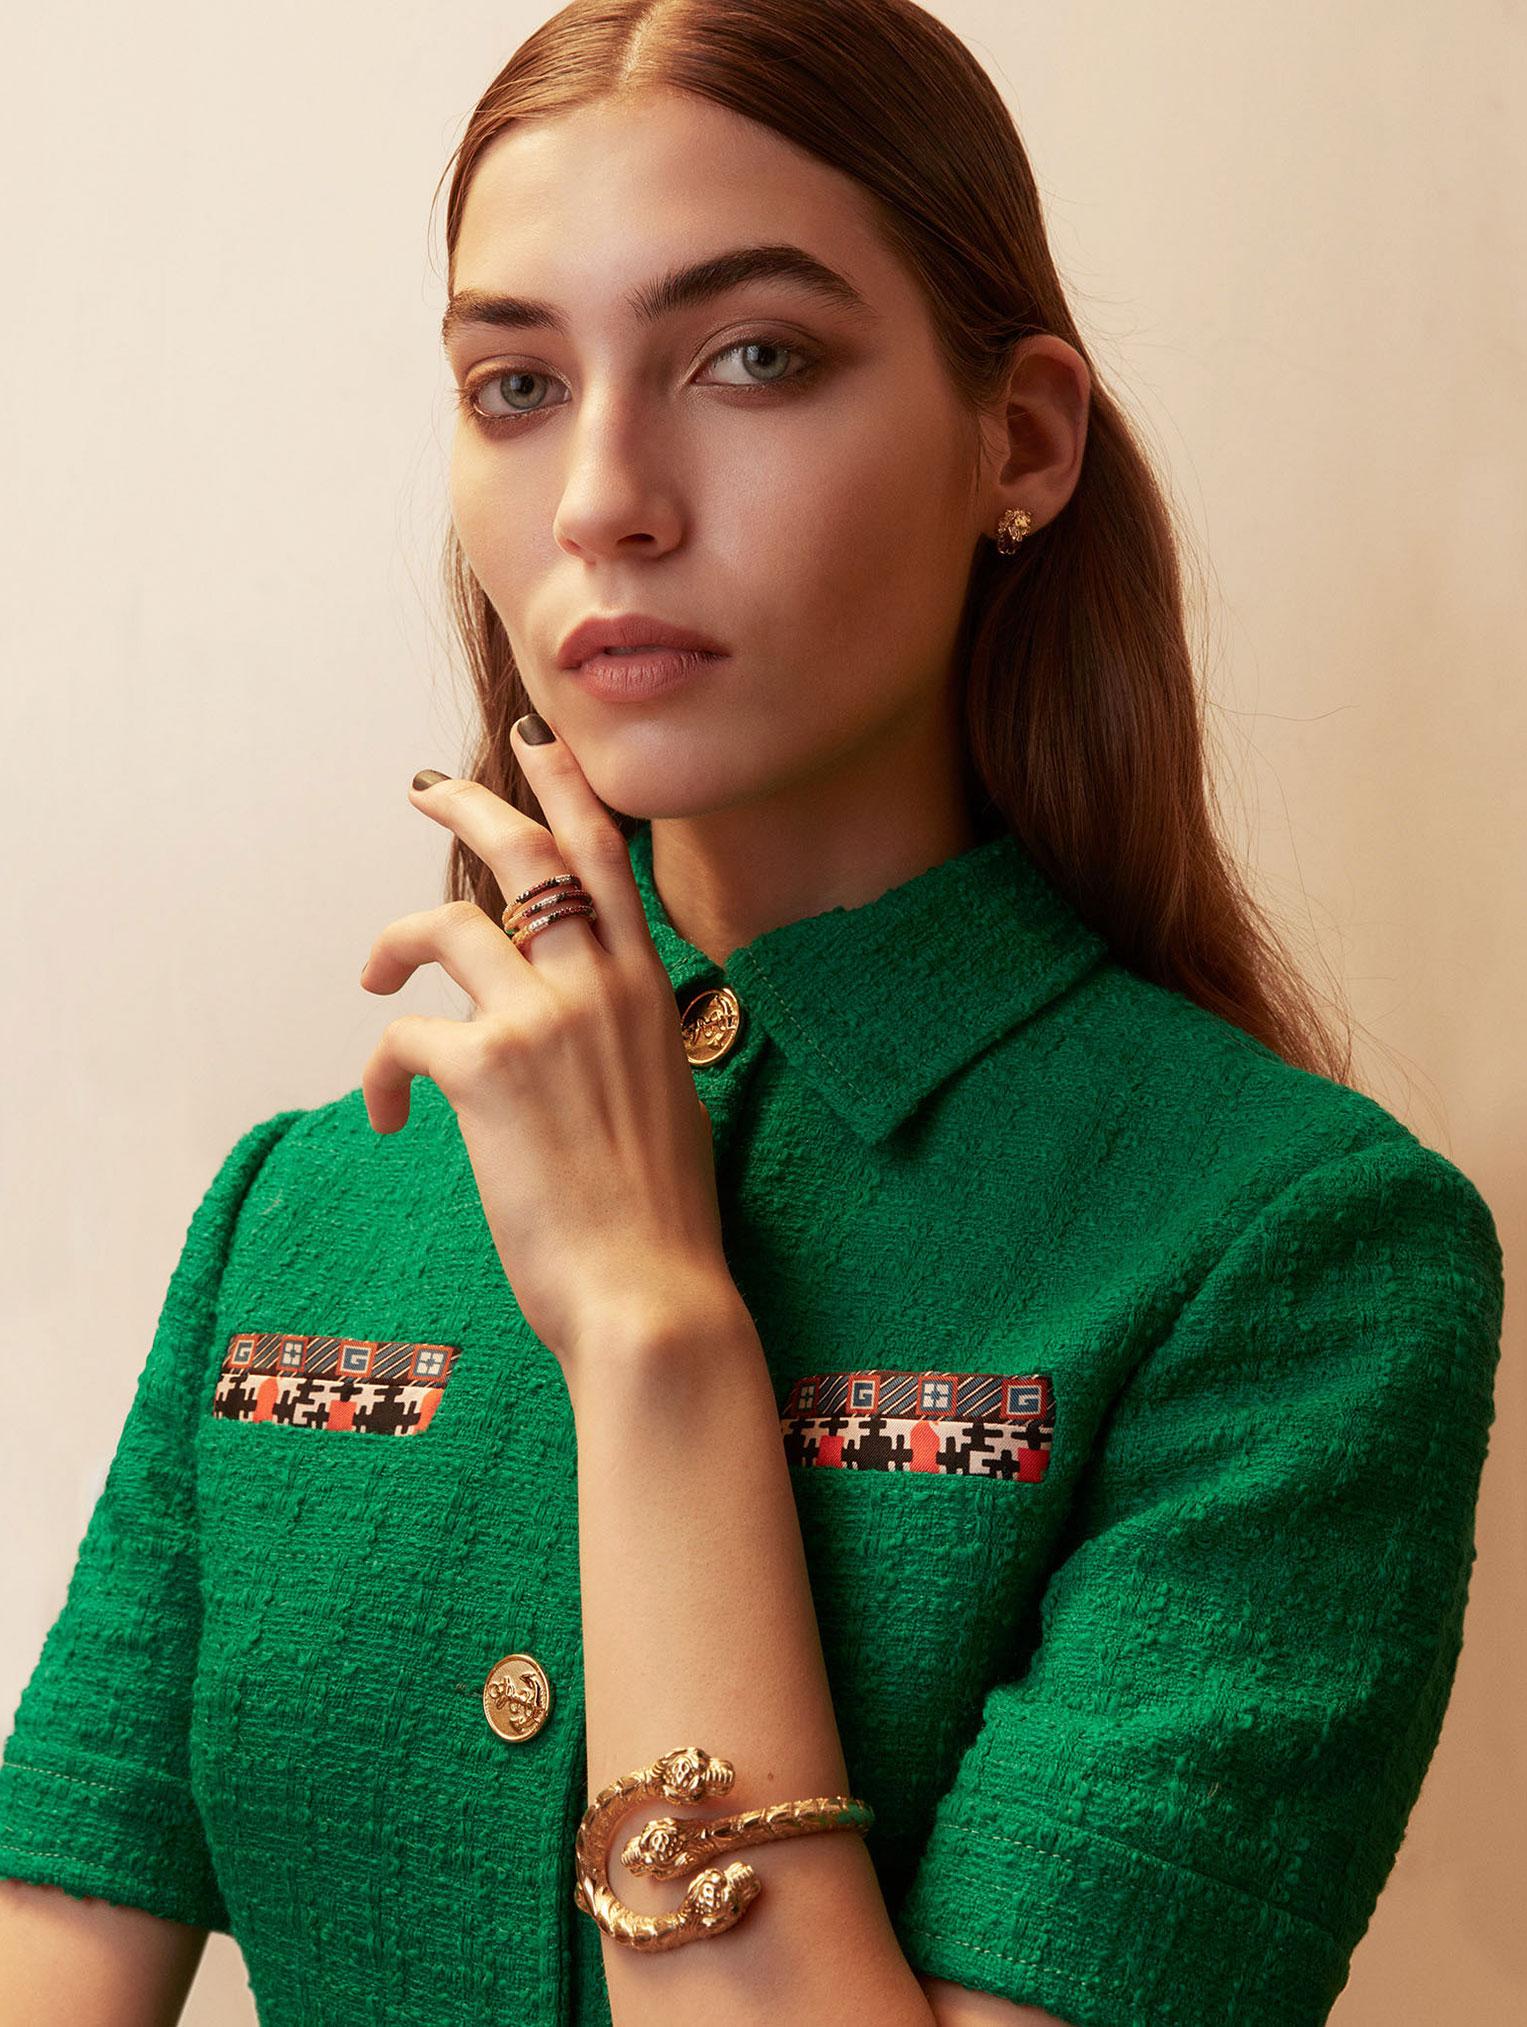 Елена Карьере в модной одежде Gucci, коллекция осень-зима 2019/20 / фото 09